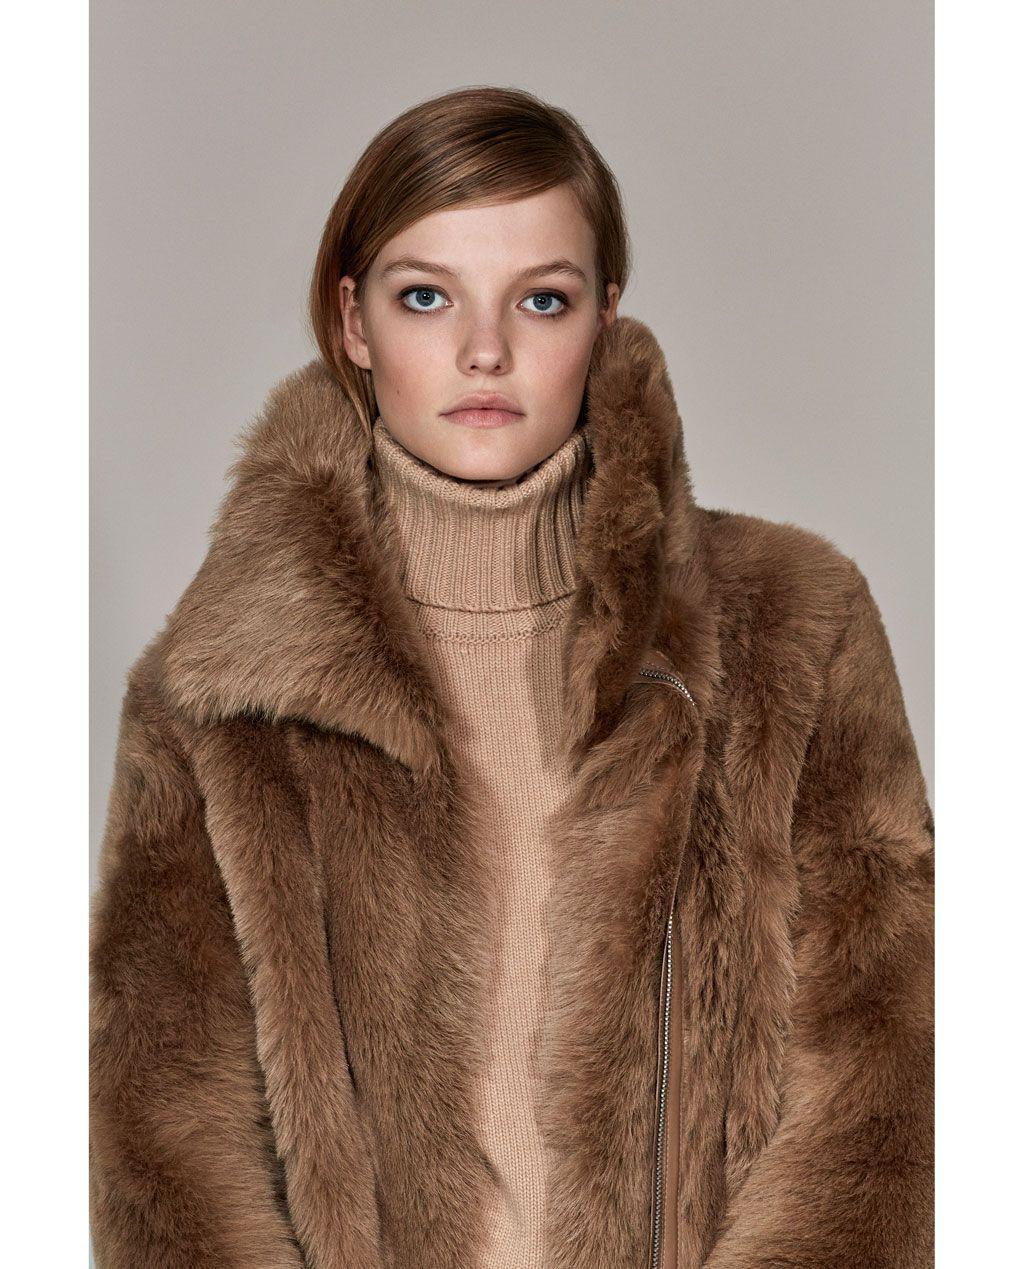 Abrigo Mujer Largo Second Natural Studio Pelo Skin Zara RA5wqw